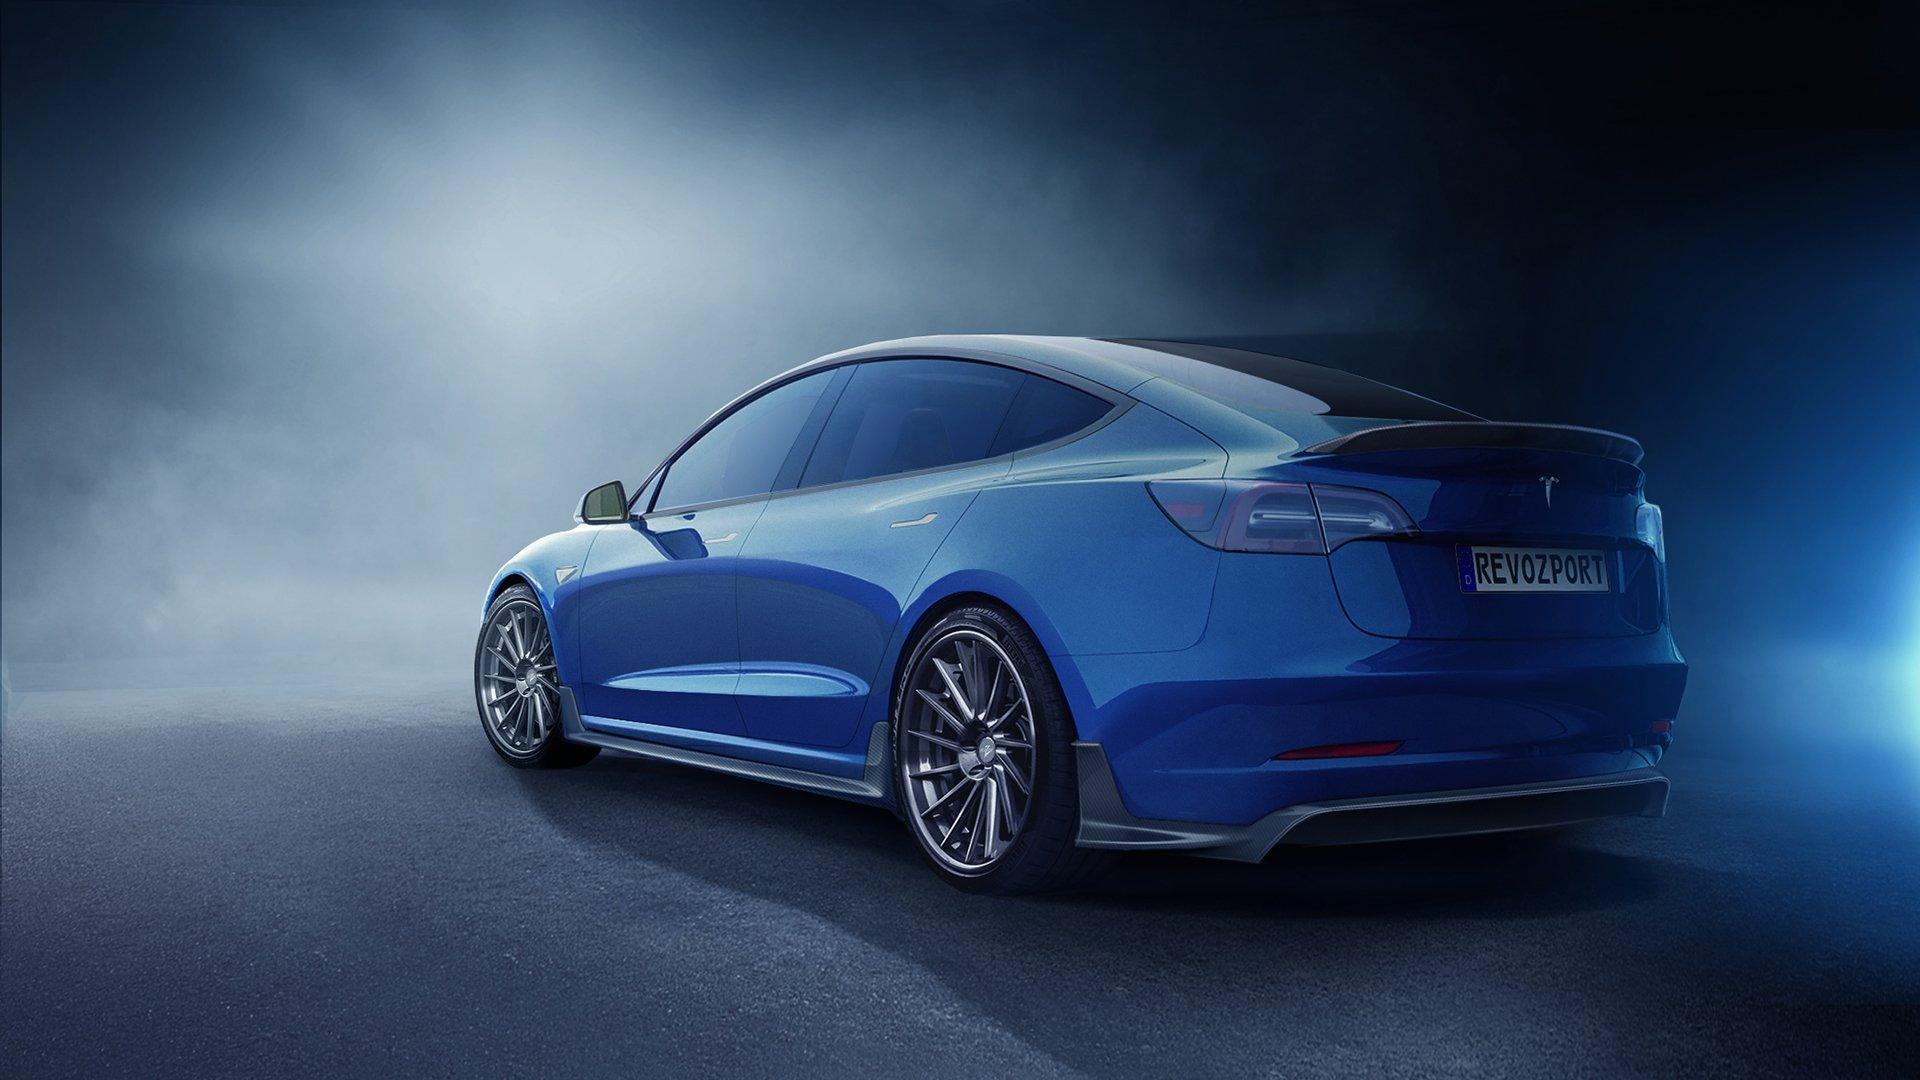 Tesla Model 3 bodykit by RevoZport (4)